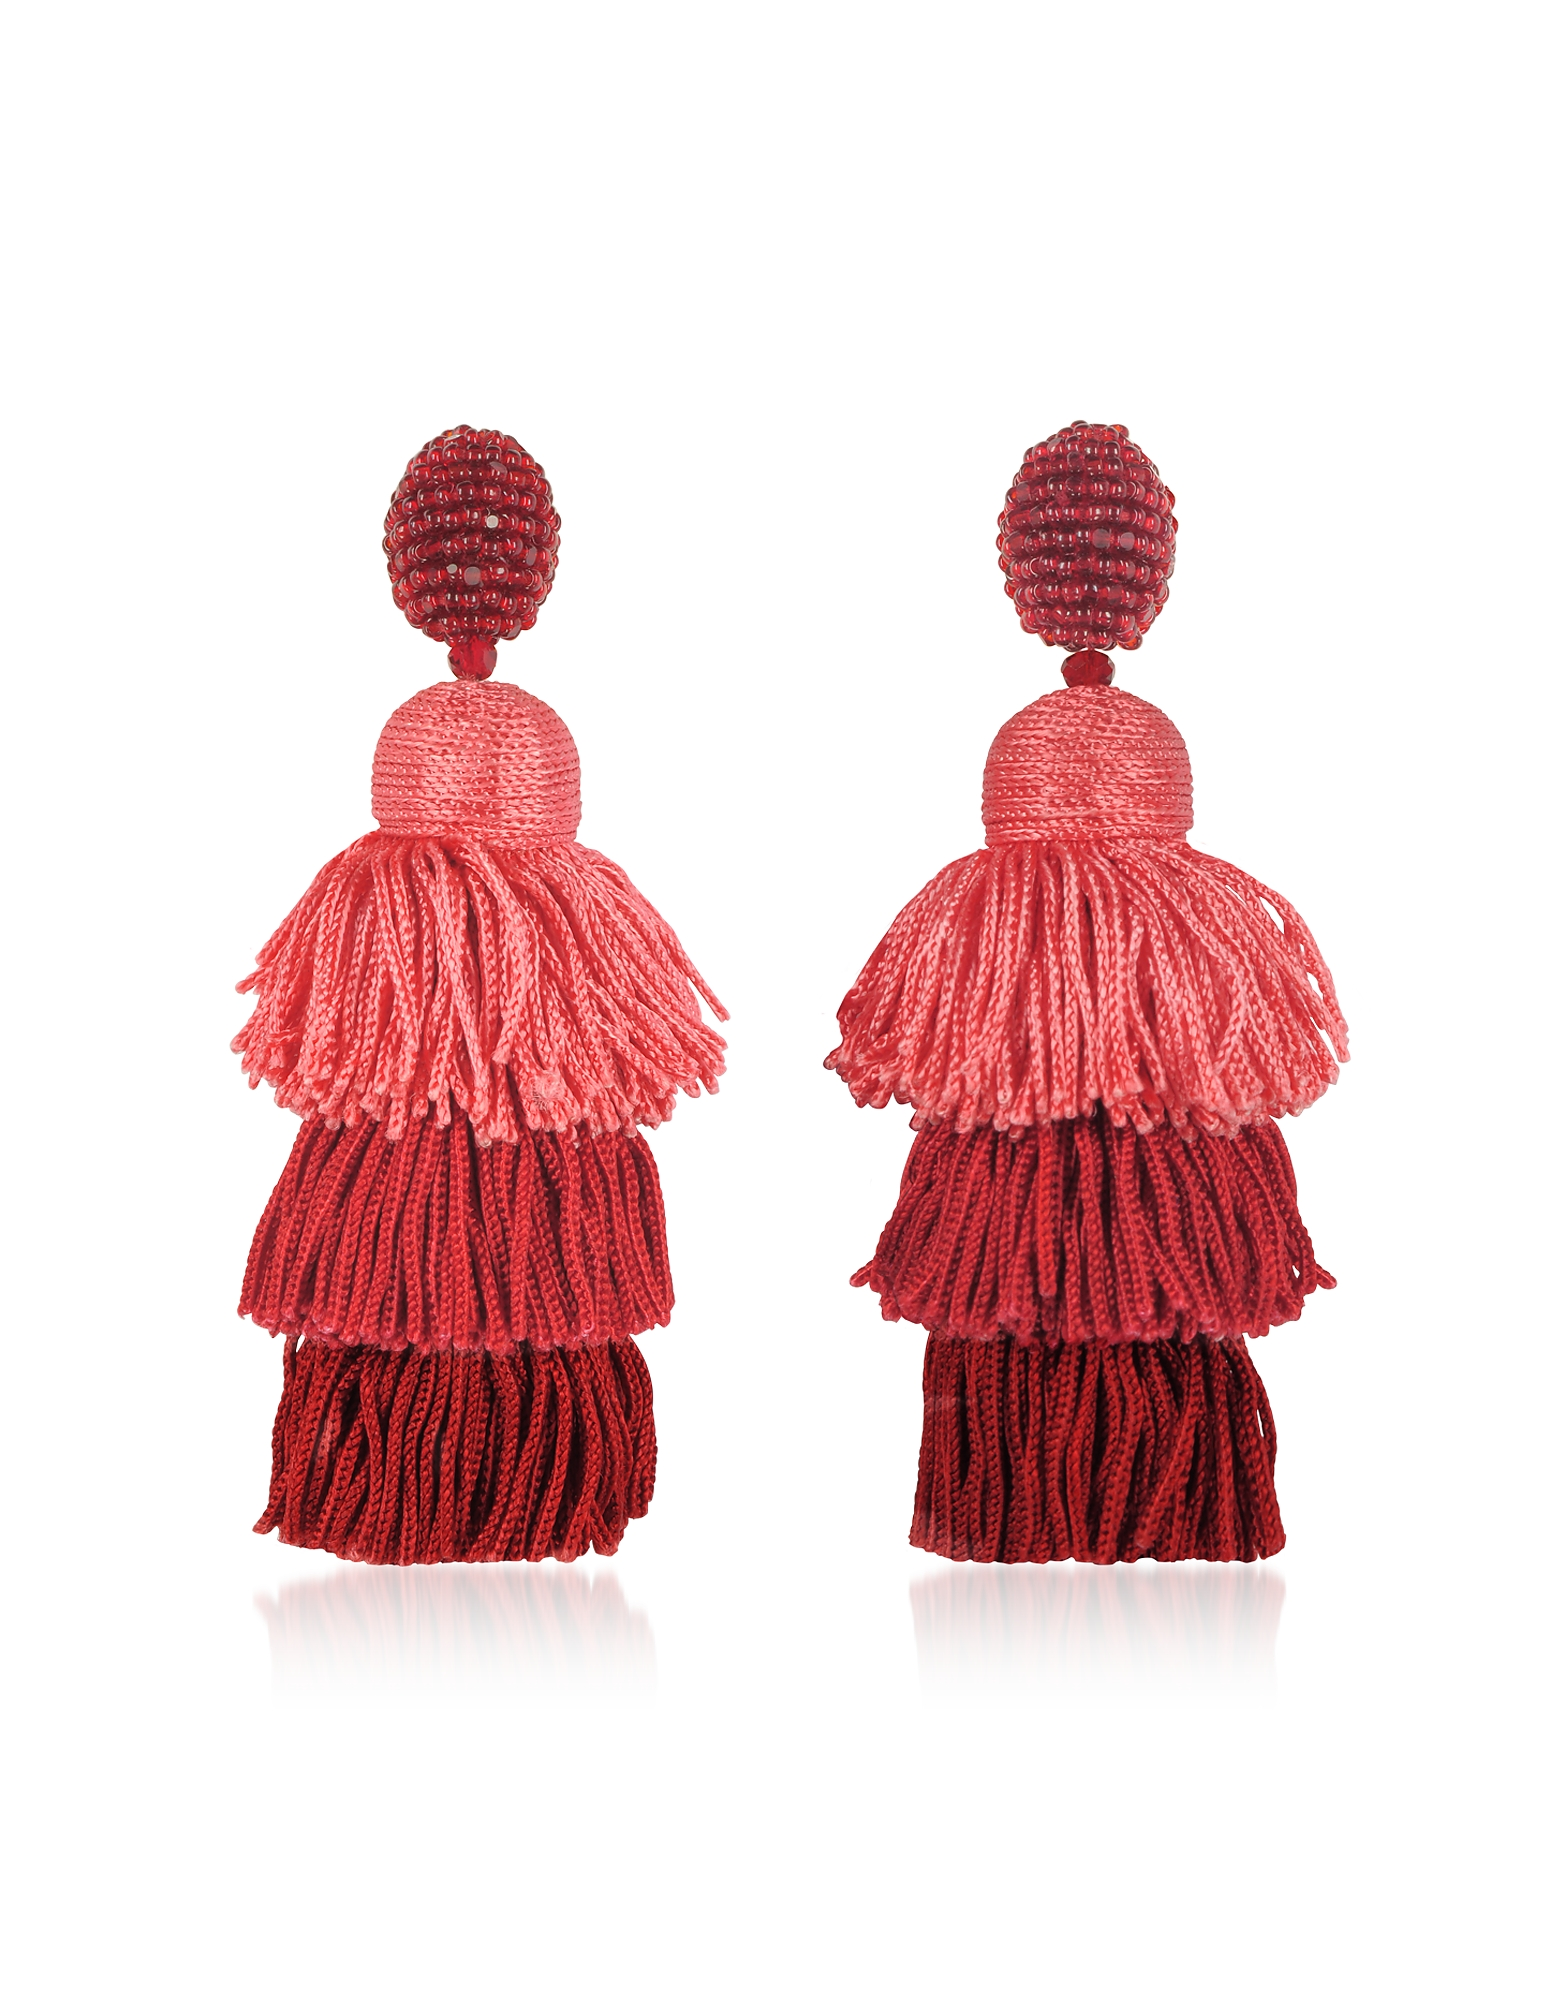 Oscar de la Renta Earrings, Long Silk Tiered Tassel Earrings